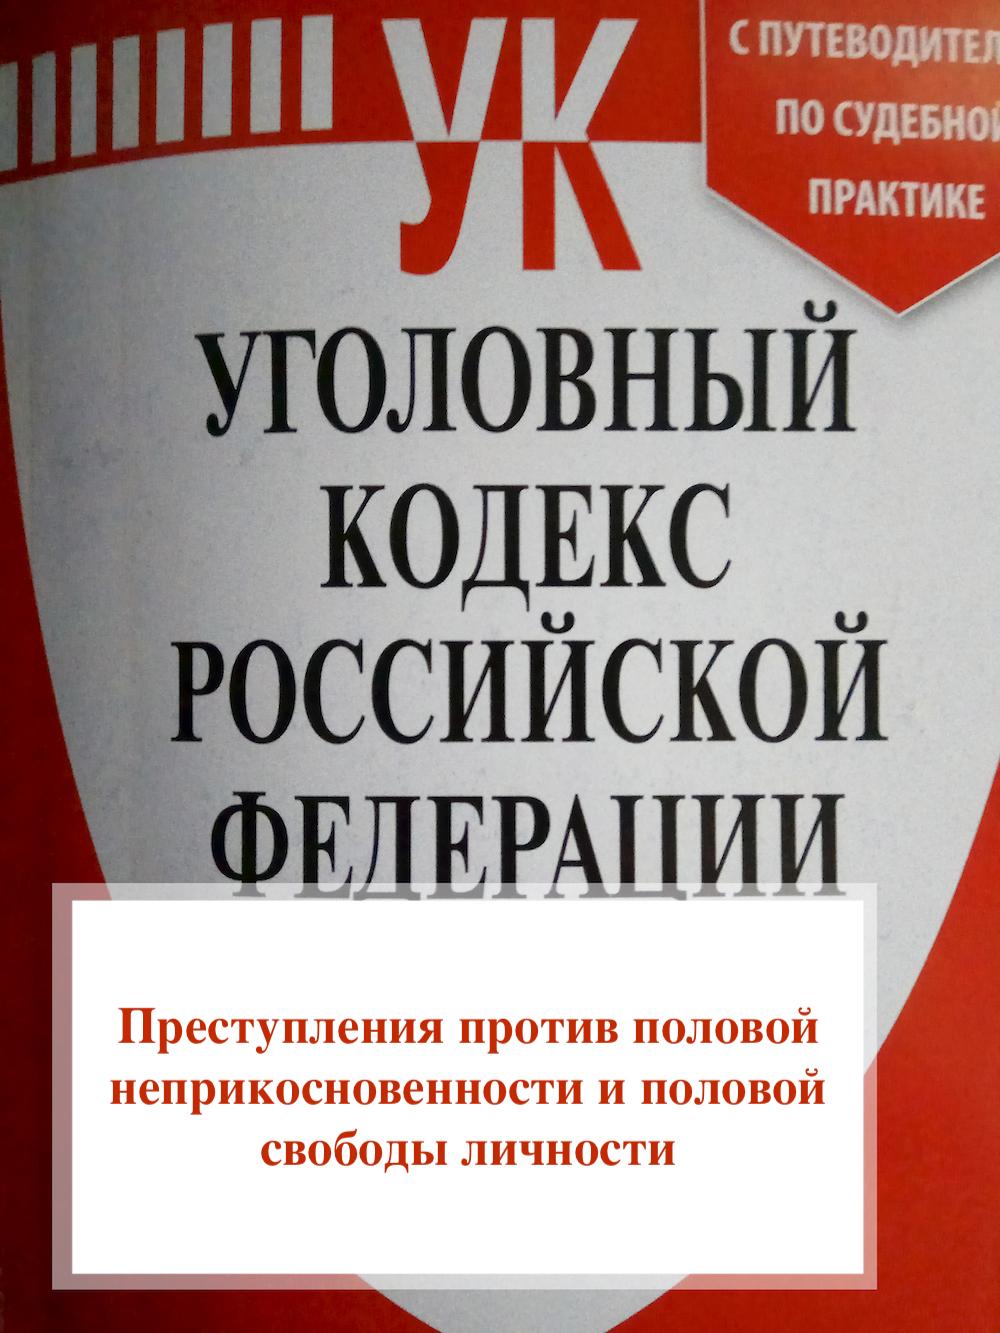 Адвокат по половой неприкосновенности Красногорск